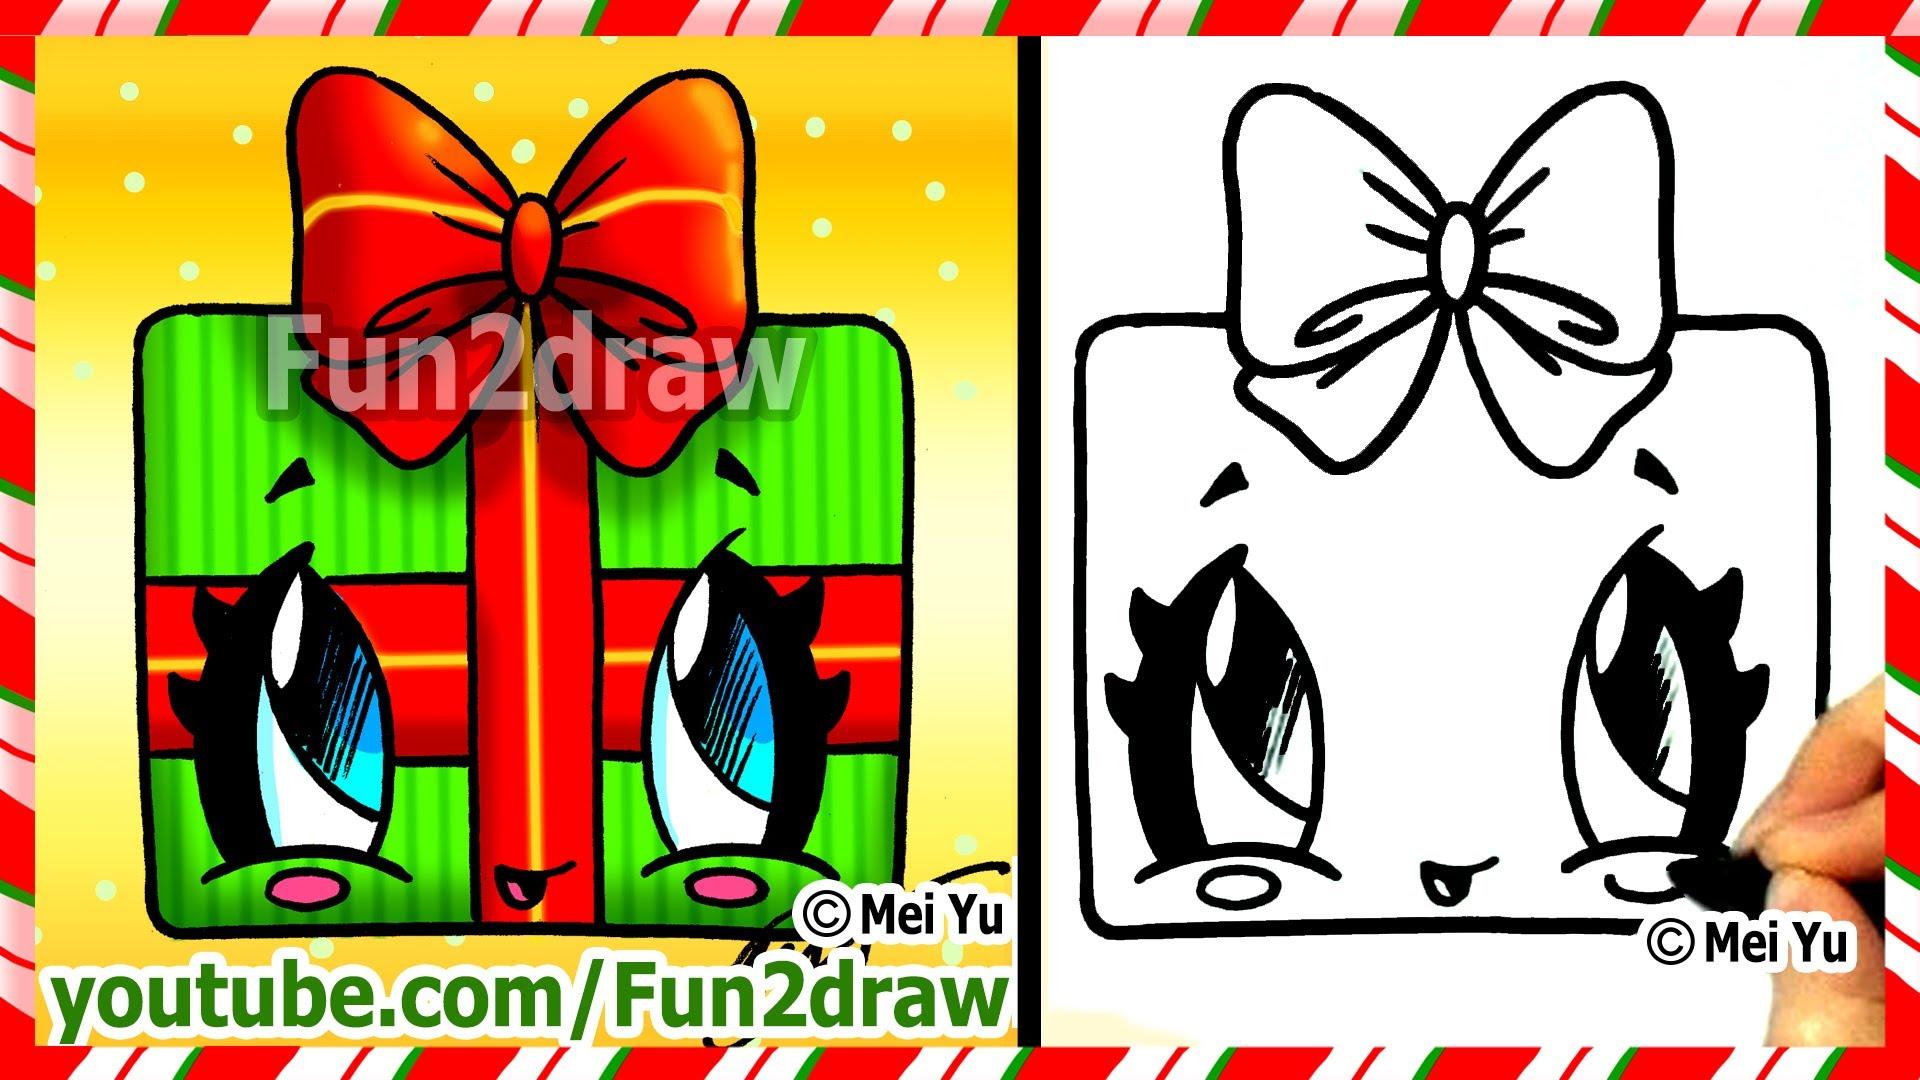 Drawn snowflake fun2draw Kawaii Presents Christmas Christmas Presents